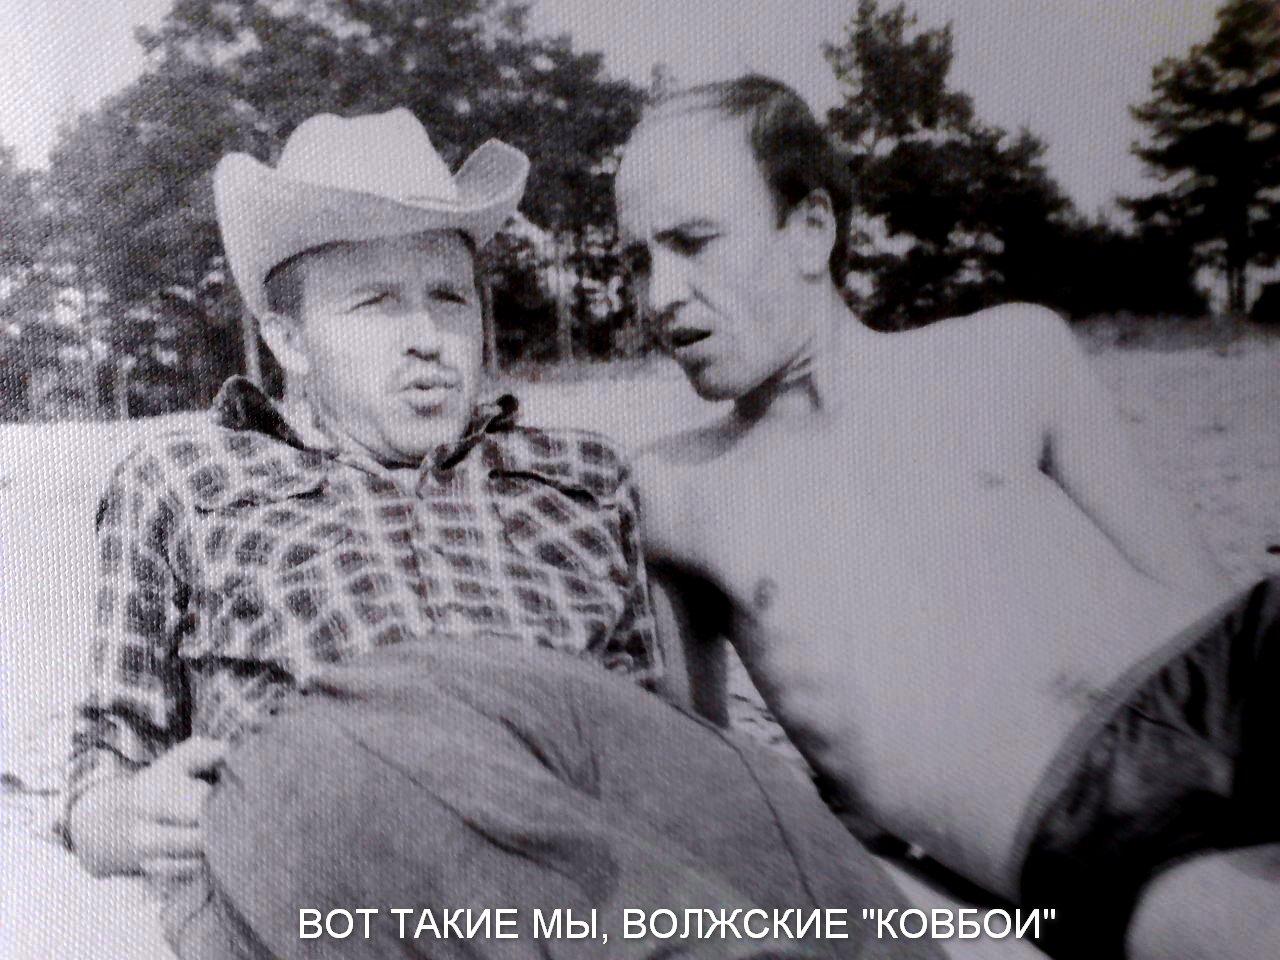 Фотоальбом №2 Восьмой роты РОР БСН ОБОР Рысь